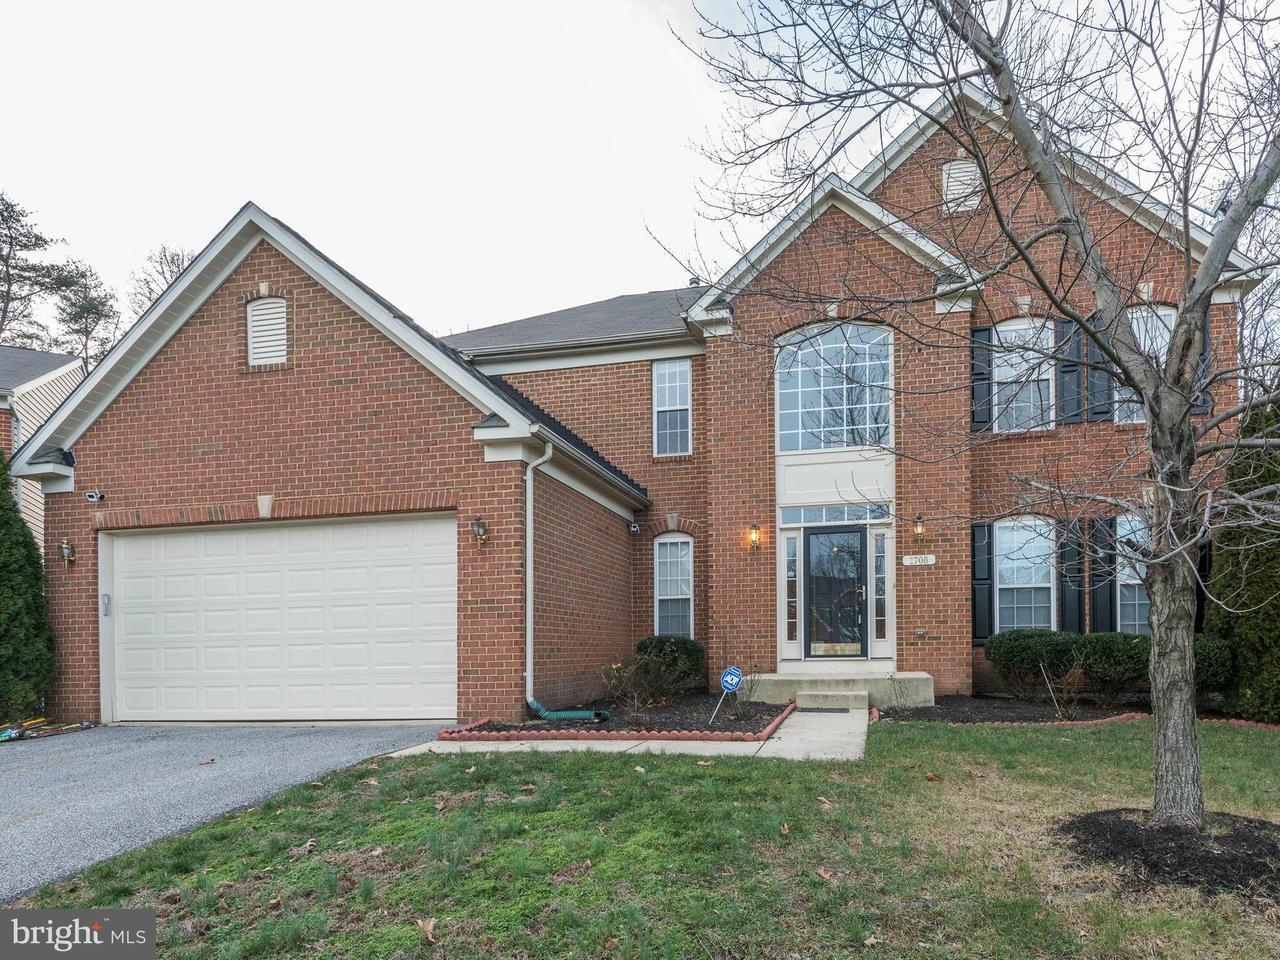 Maison unifamiliale pour l Vente à 1708 CALDERDALE Court 1708 CALDERDALE Court Hanover, Maryland 21076 États-Unis